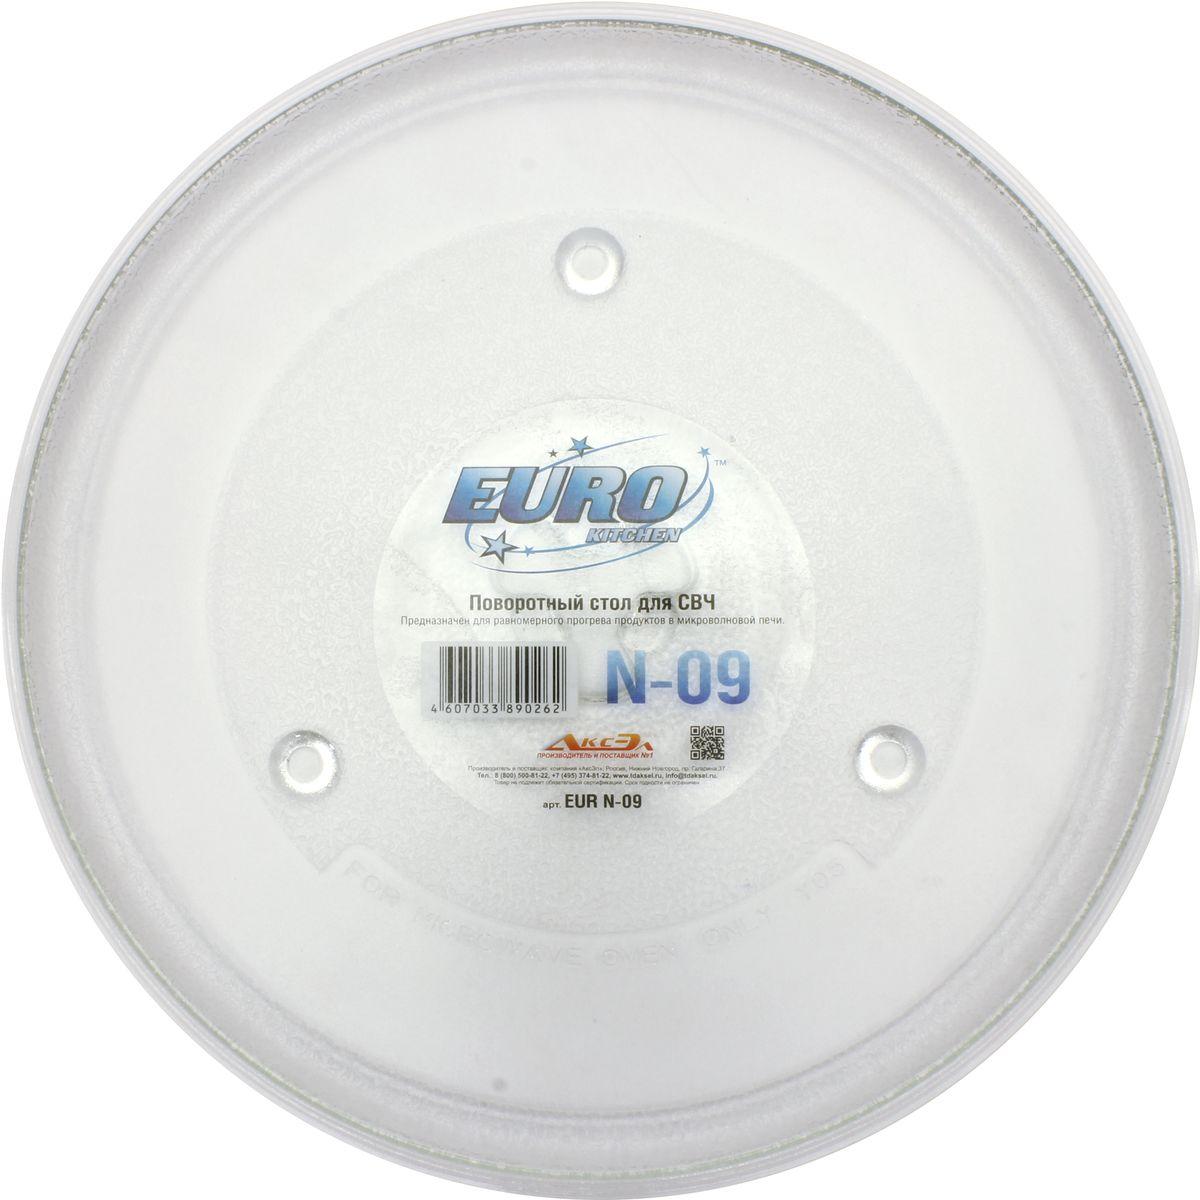 Euro Kitchen N-09 тарелка для СВЧ